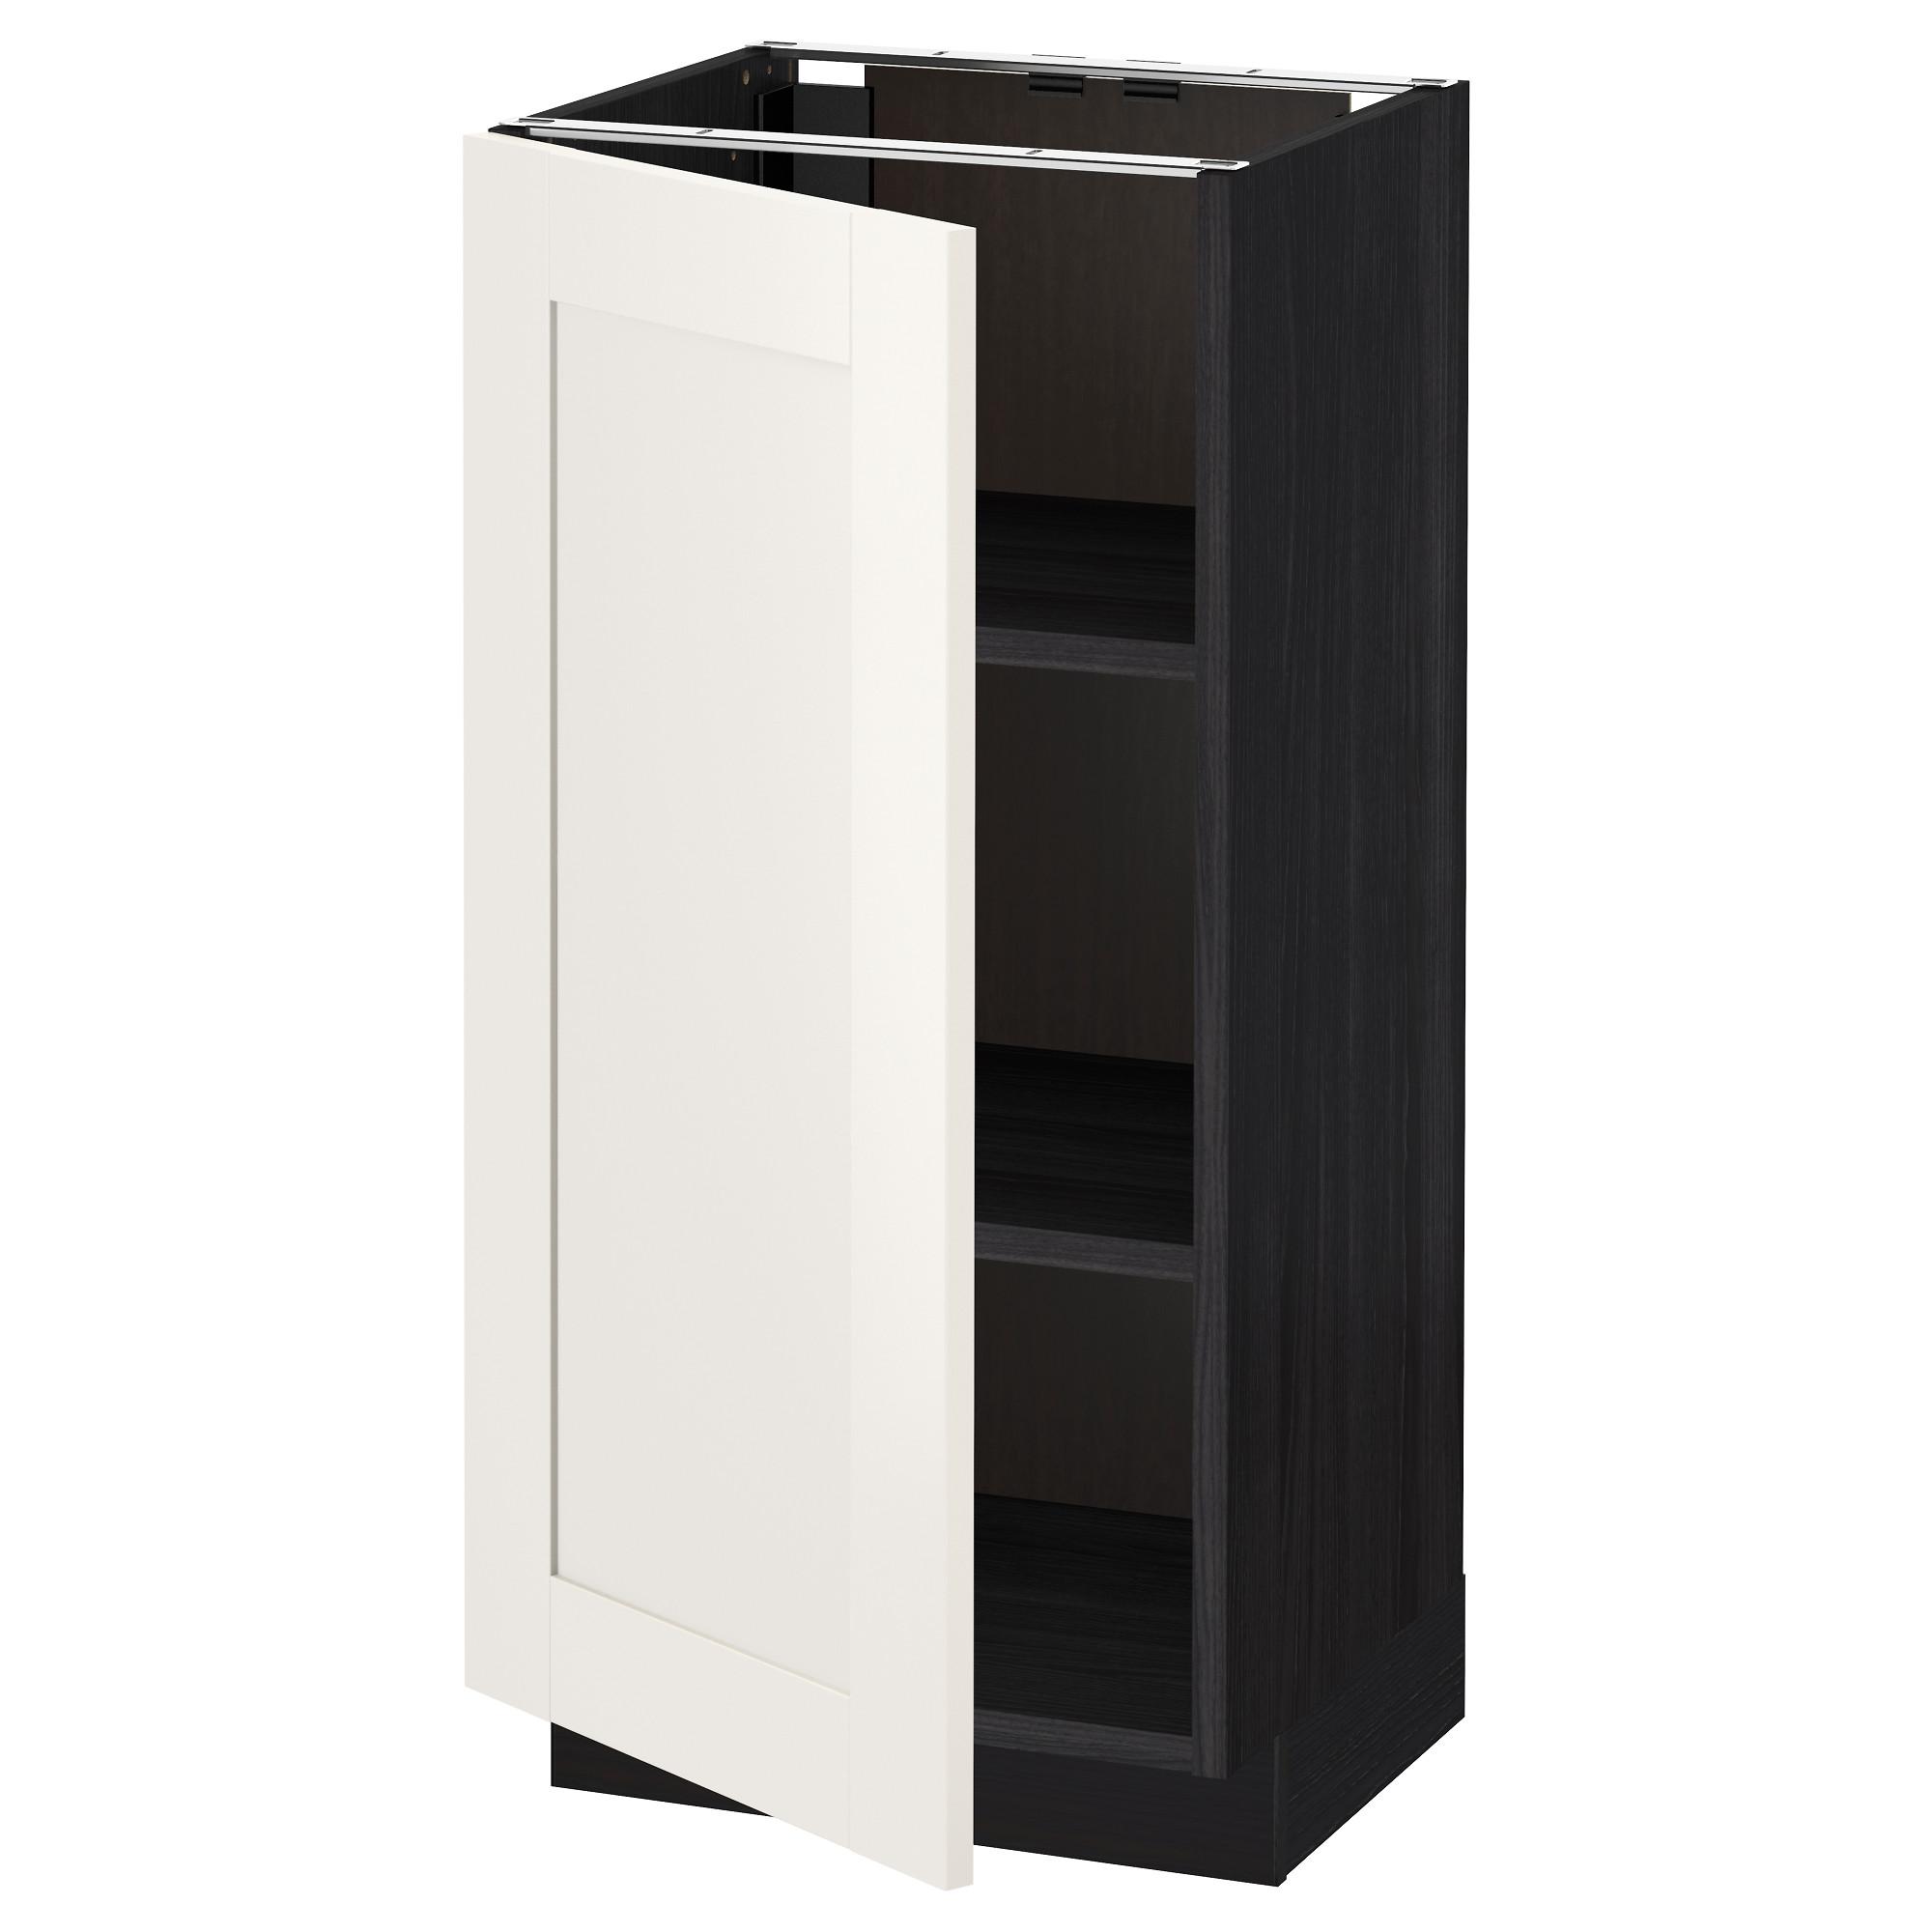 Напольный шкаф с полками МЕТОД черный артикуль № 192.231.14 в наличии. Онлайн магазин IKEA РБ. Недорогая доставка и монтаж.